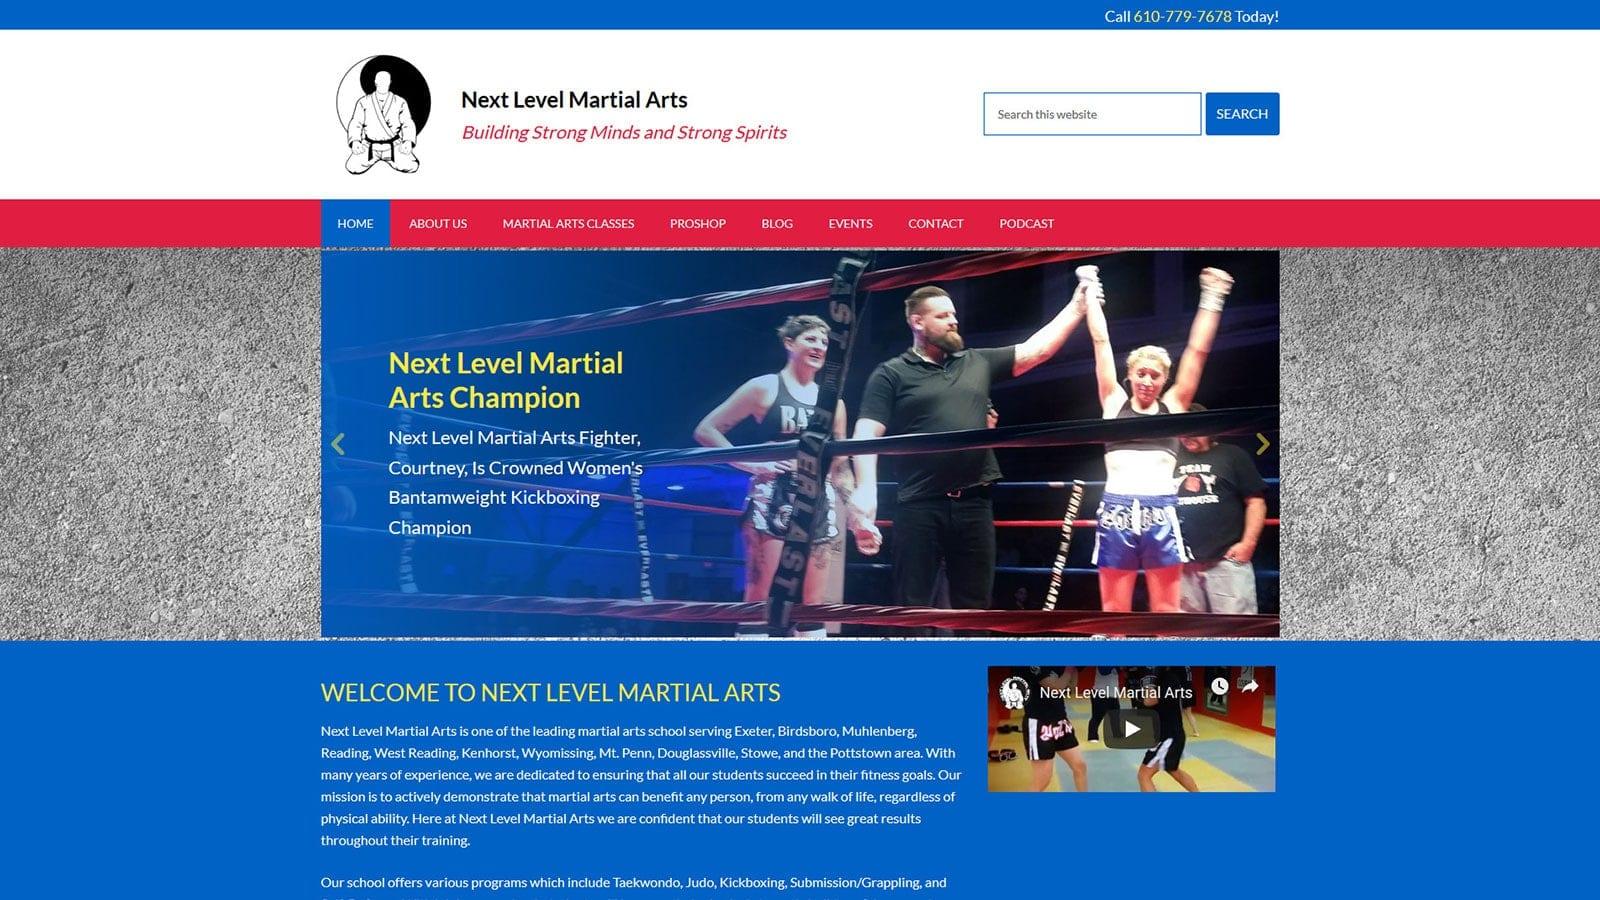 Redesign of Local Martial Arts School's Website